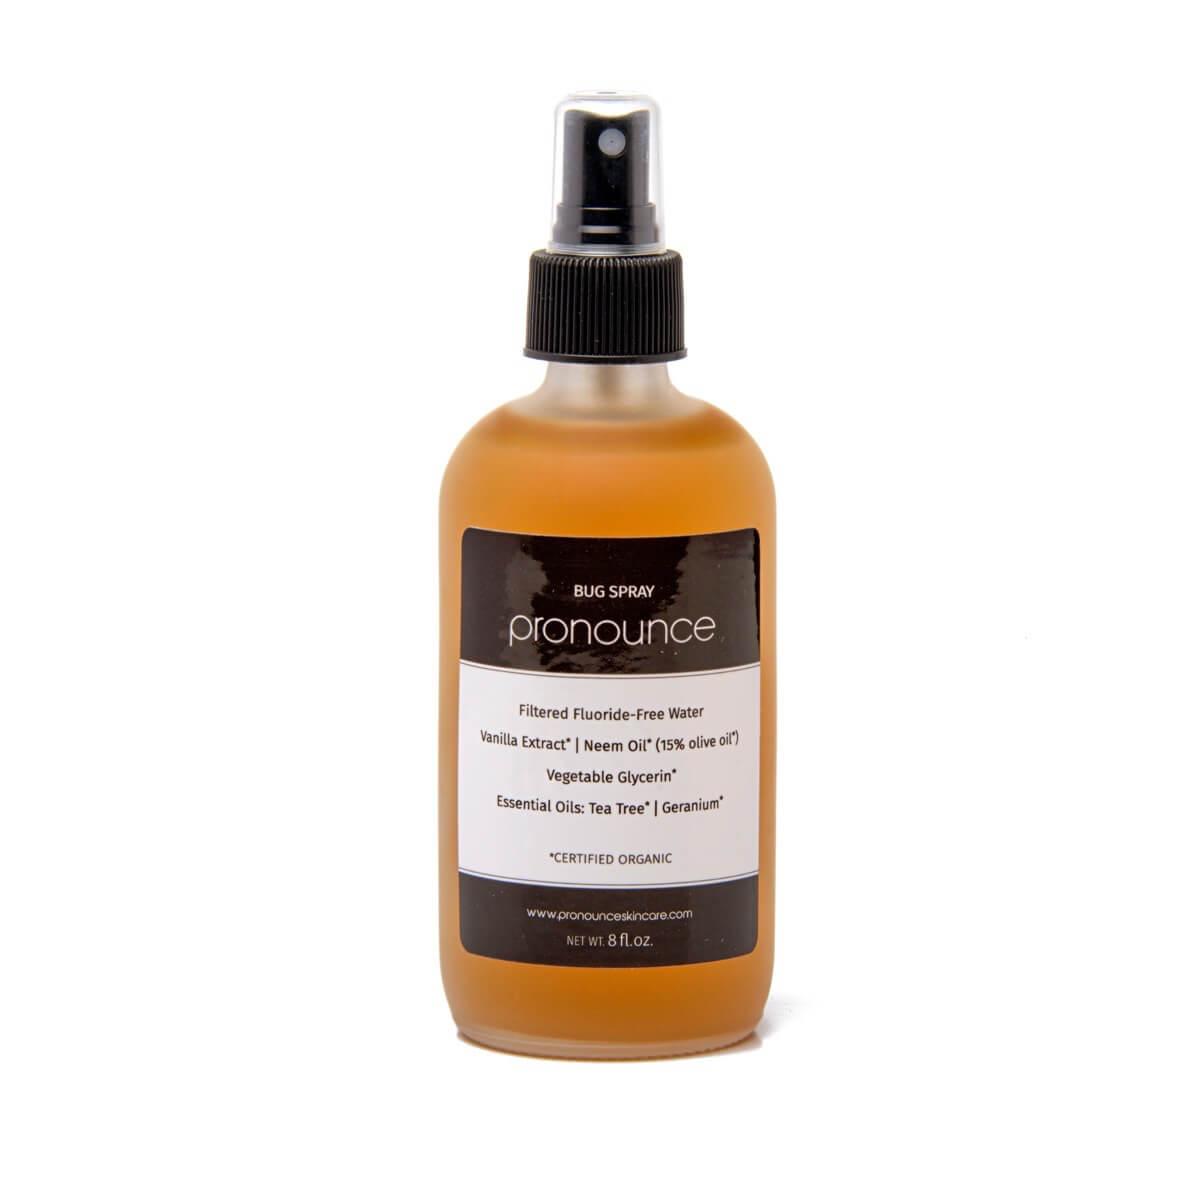 Bug Spray 8oz - Pronounce Skincare